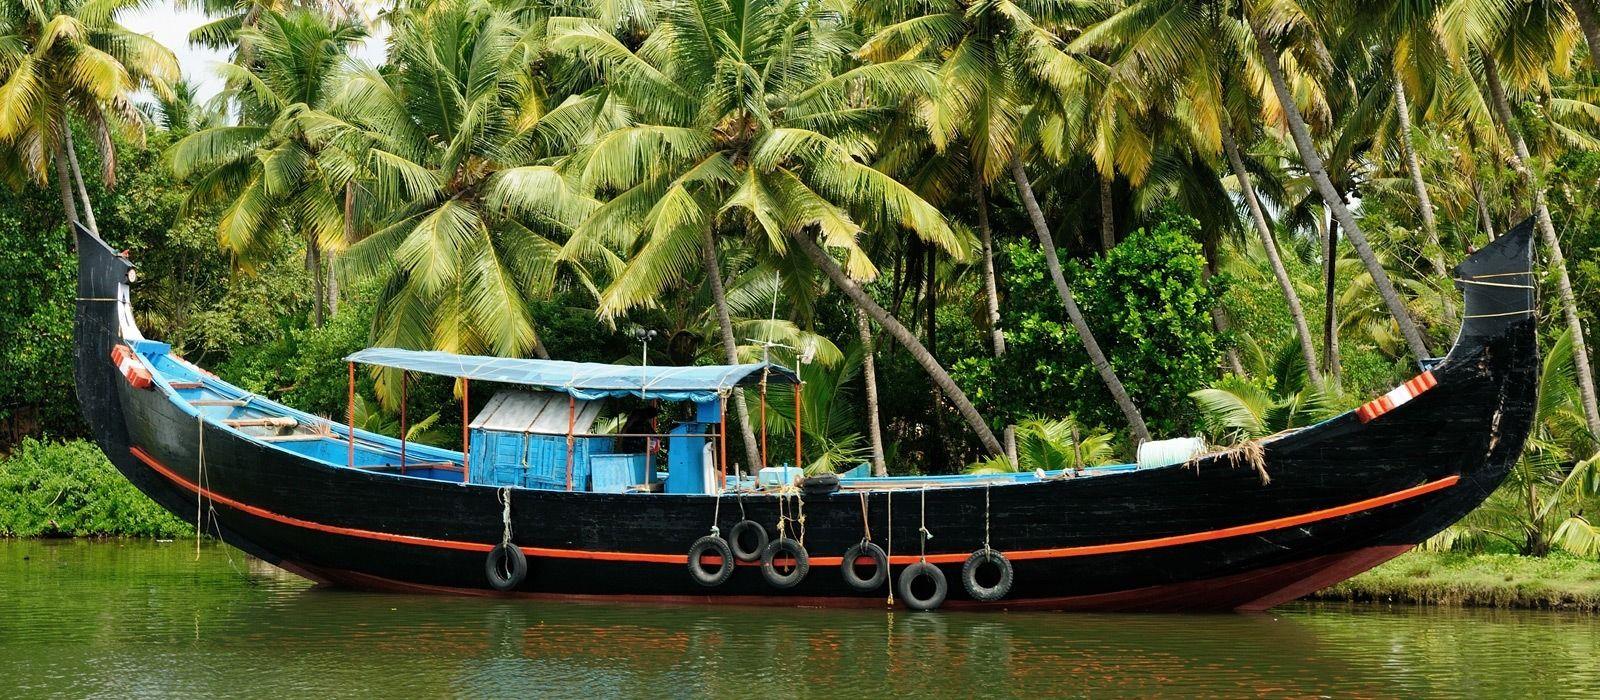 Taj Exklusiv: Garten Eden der Tropen Urlaub 4